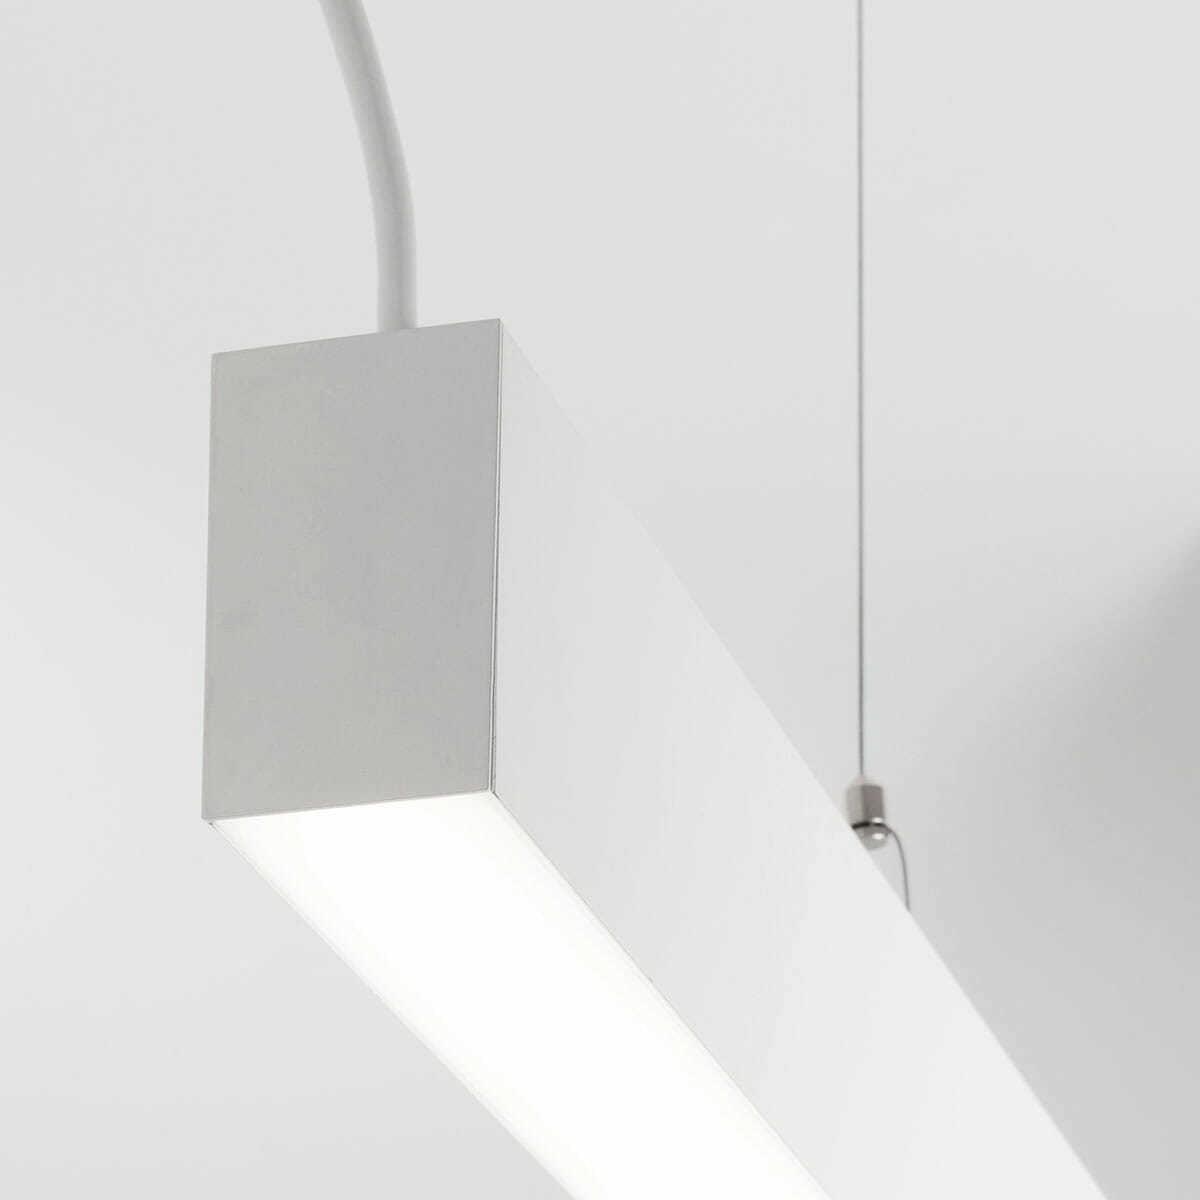 Sistema illuminazione sospesa led modulare e componibile for Illuminazione leroy merlin